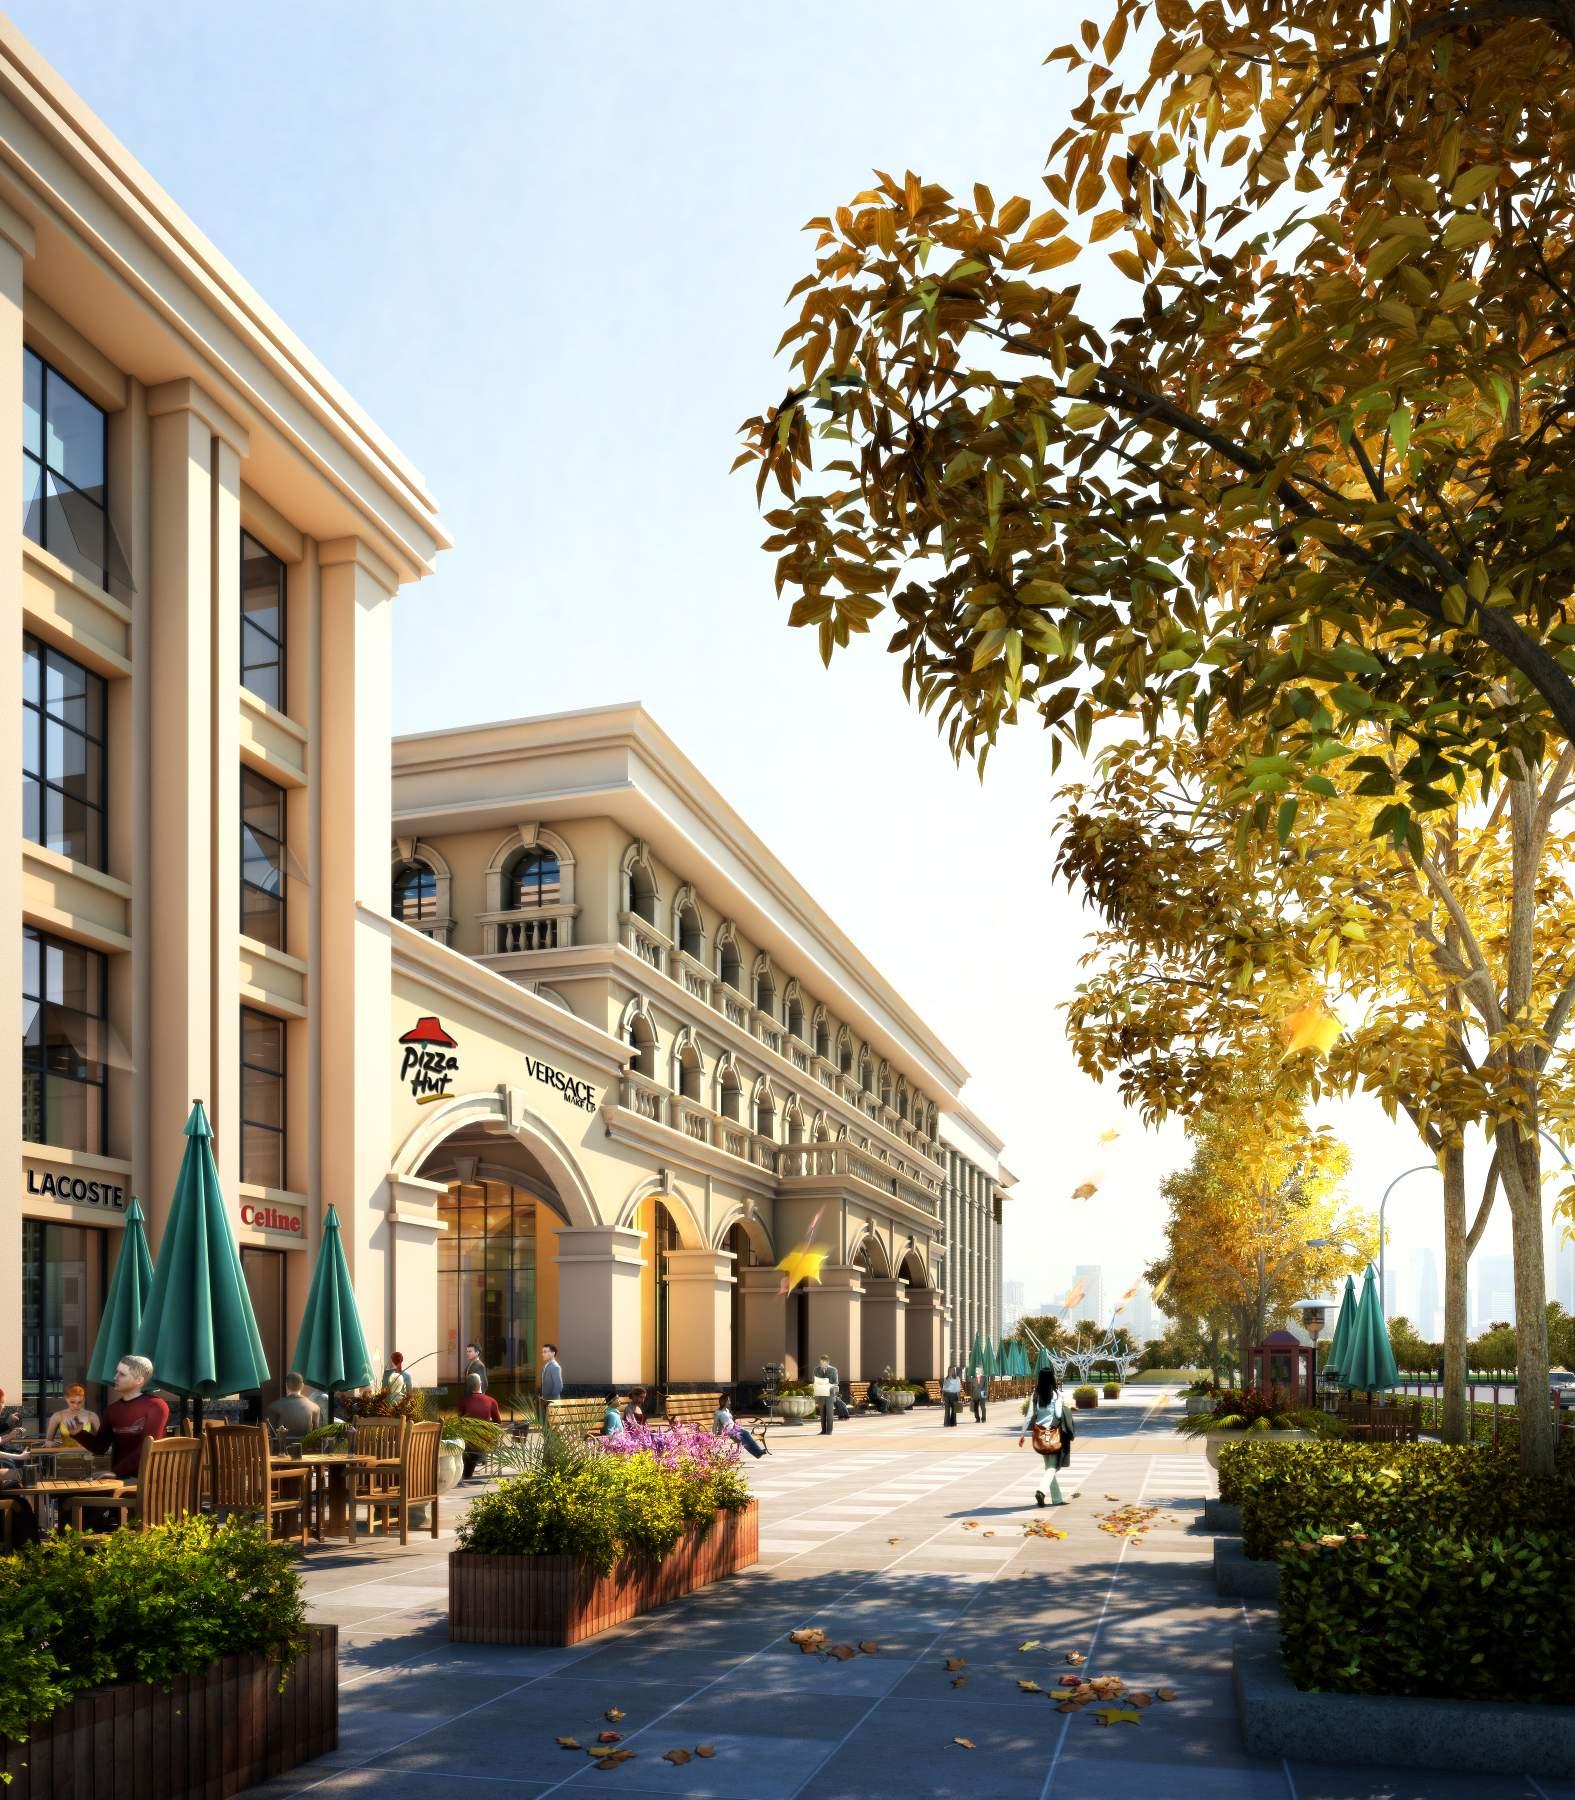 欧式商业及酒店